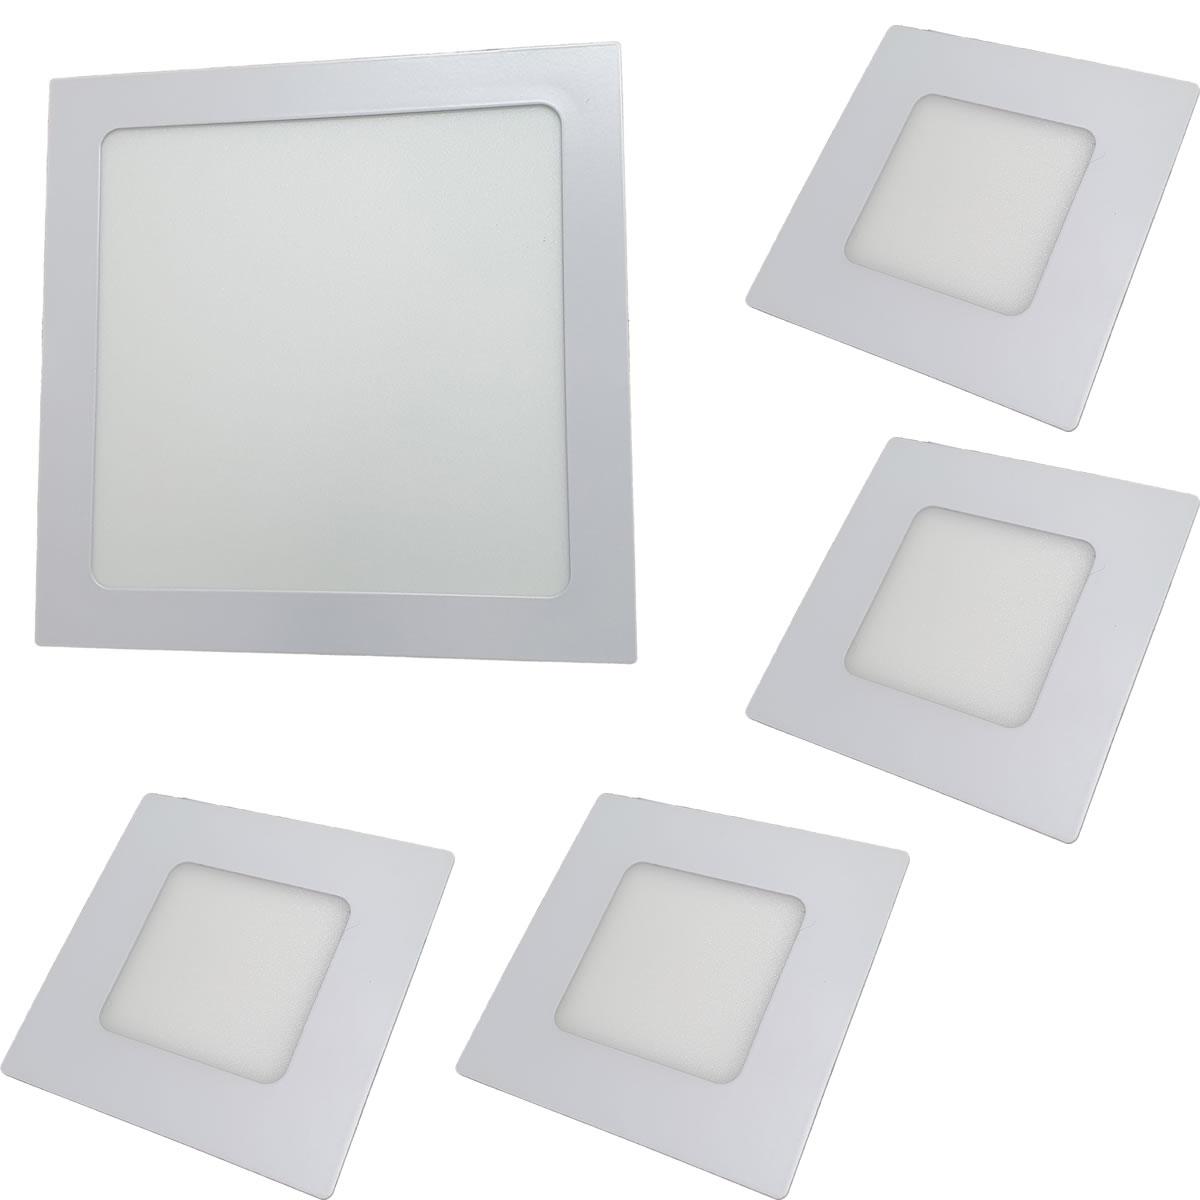 Iluminação banheiro Kit Luminárias 18W e 4 x 3W Luz Fria Embutir